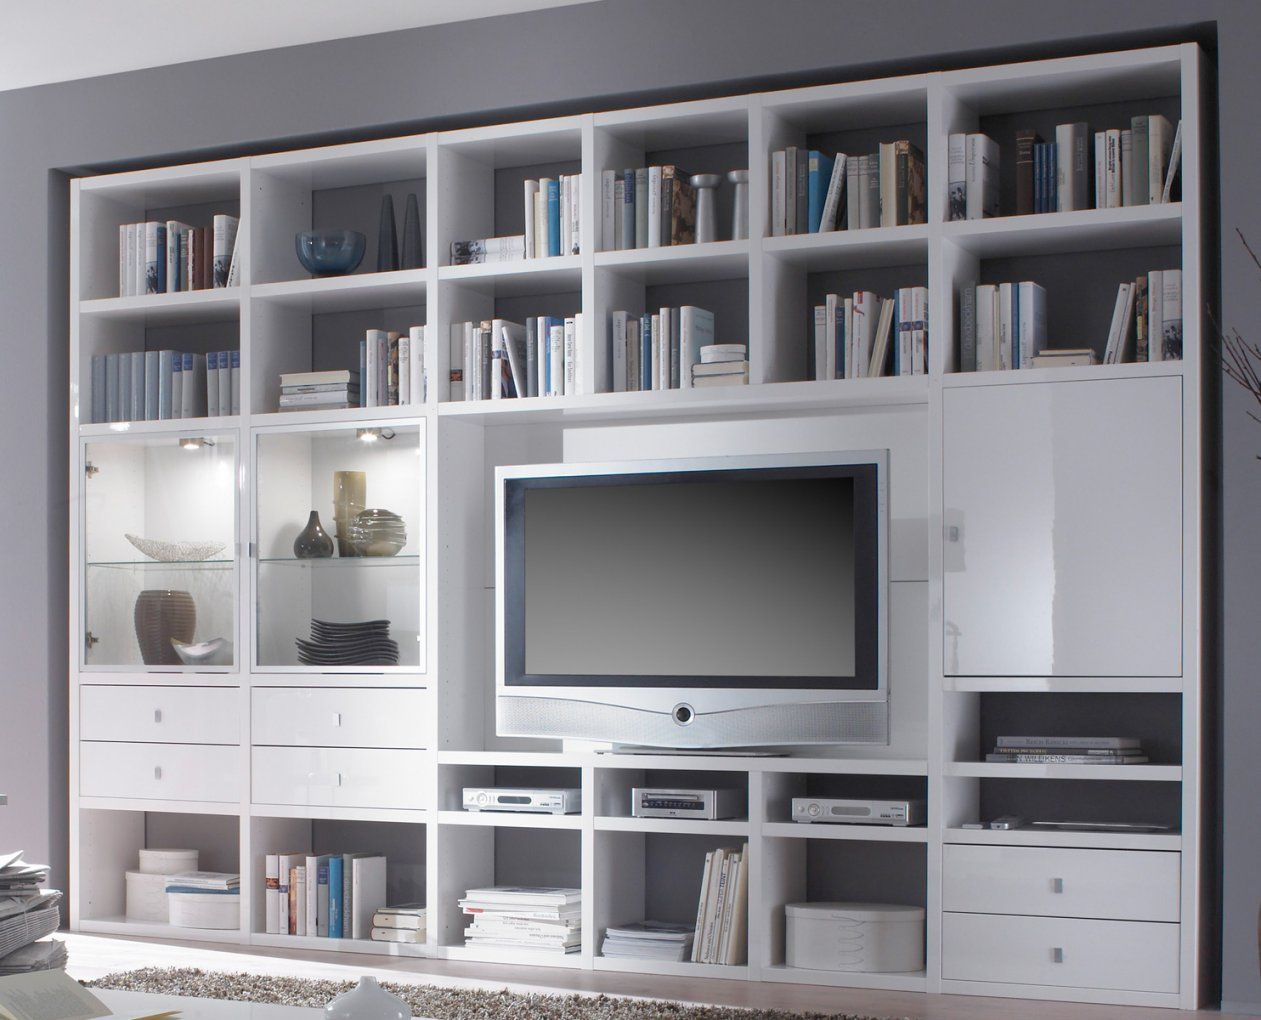 Bücherregal  Erstaunlich Neu Xxl Ikea Bucherregal Mit Turen Fif von Raumteiler Mit Tv Fach Bild